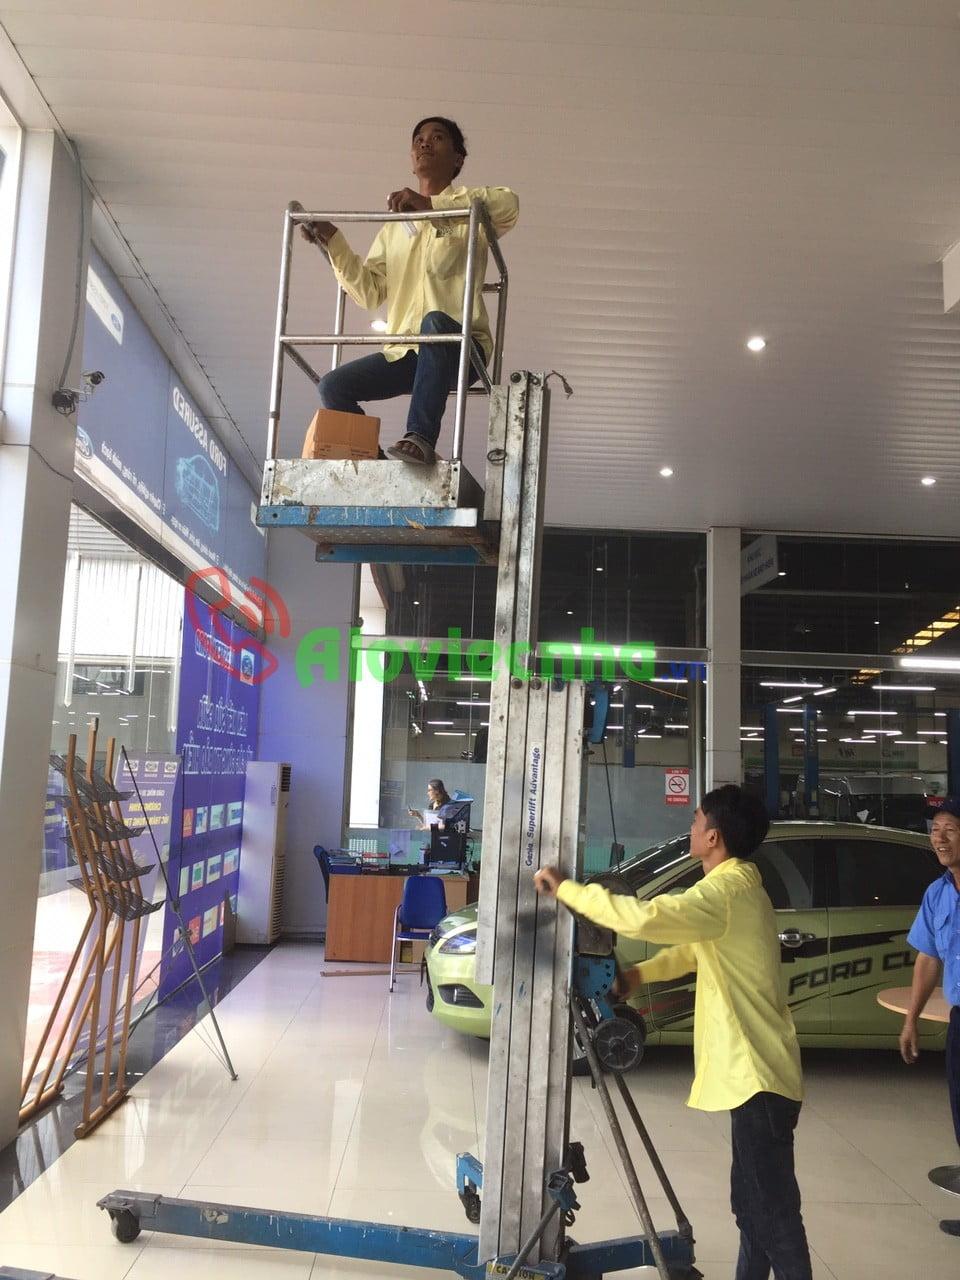 Thợ sửa điện chuyên nghiệp tại TPHCM